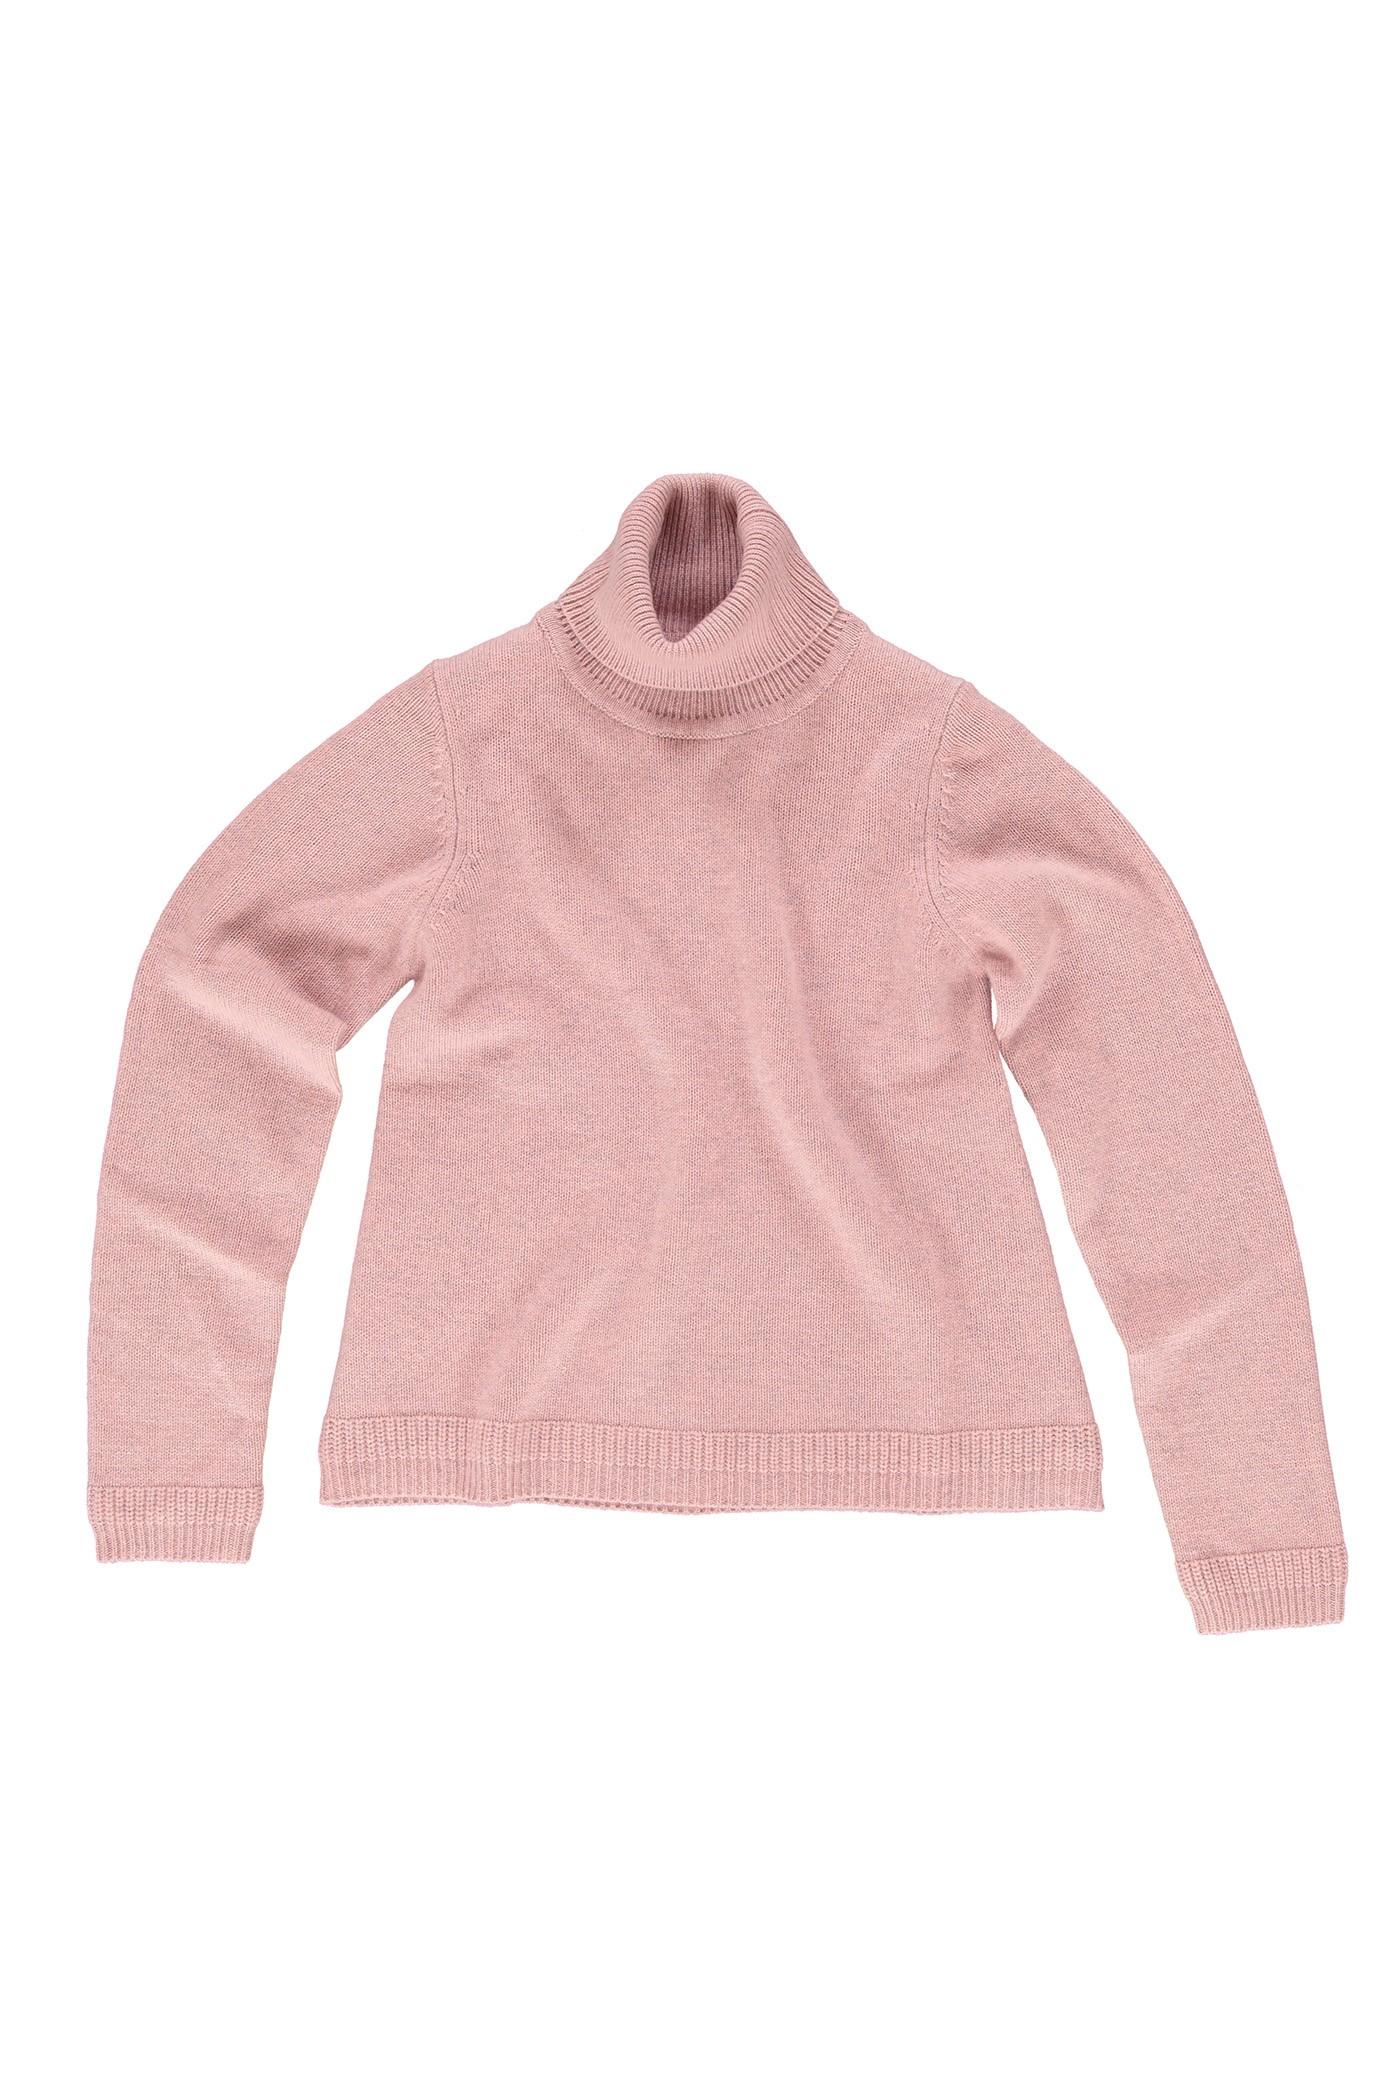 coco-framboise-f16-cavadesoi-knitwear.jpg